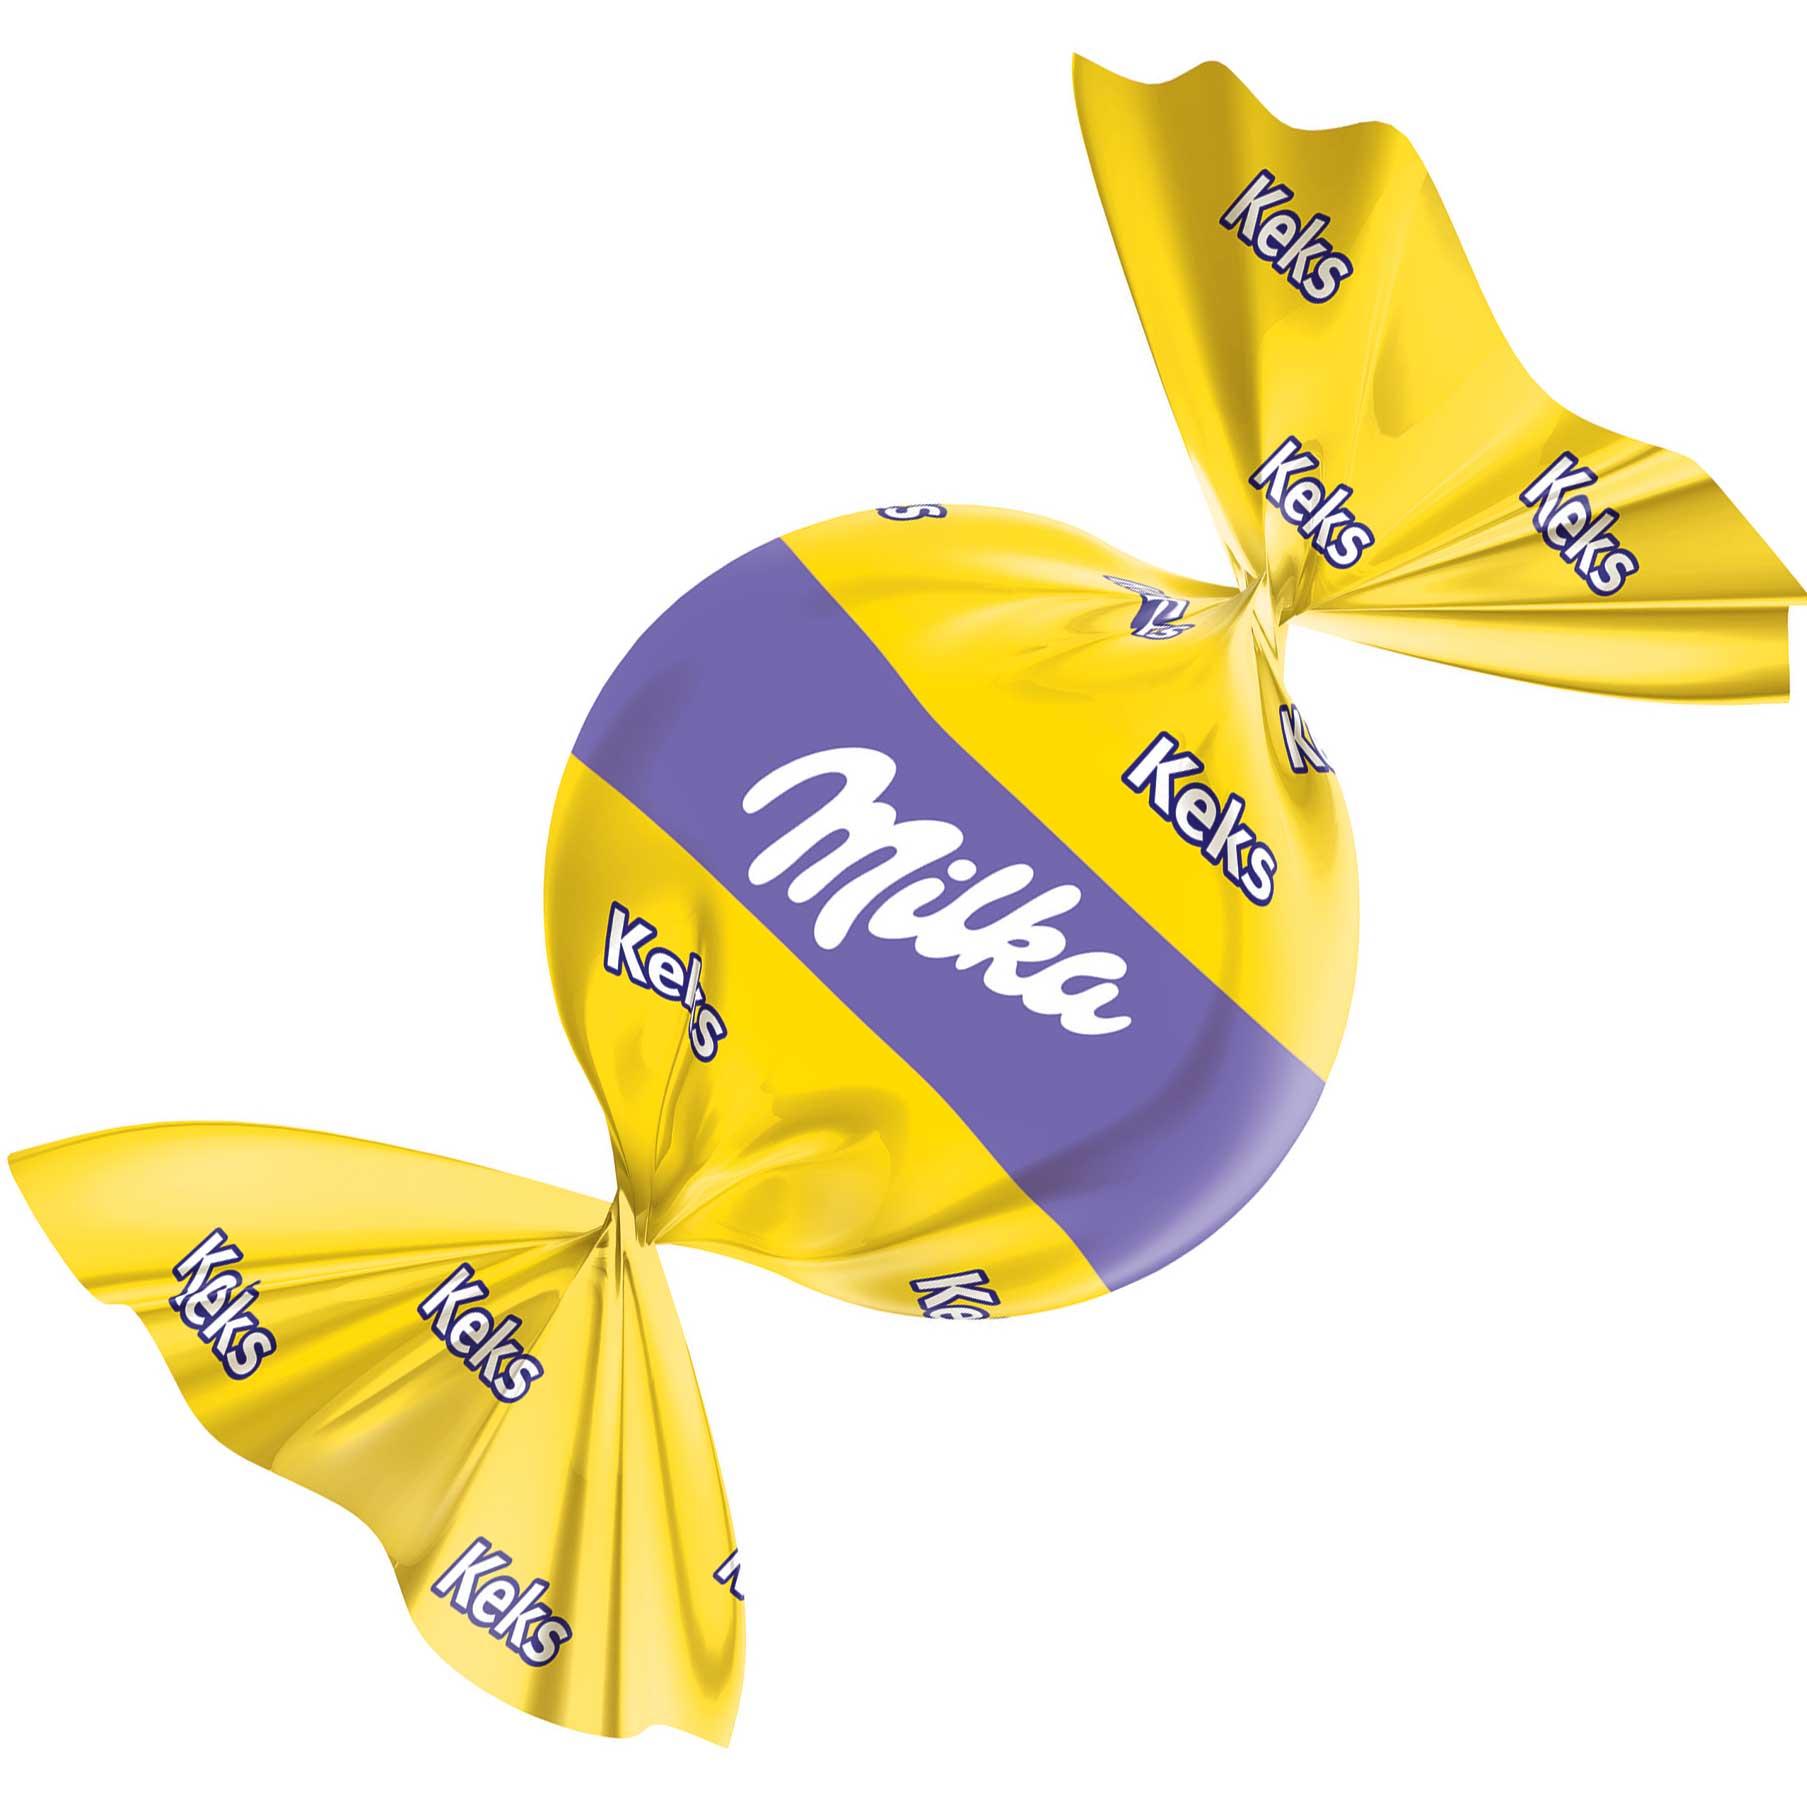 Milka Keks